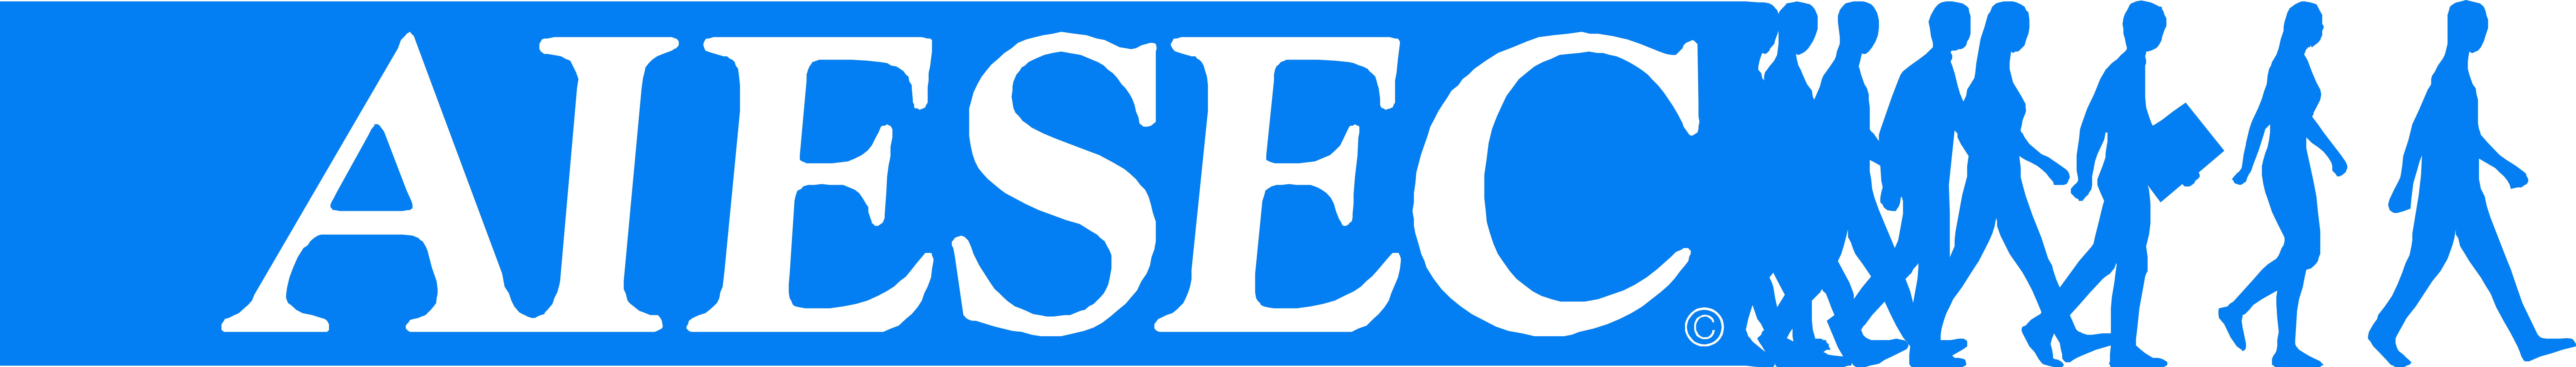 AIESEC în Universitatea din București logo